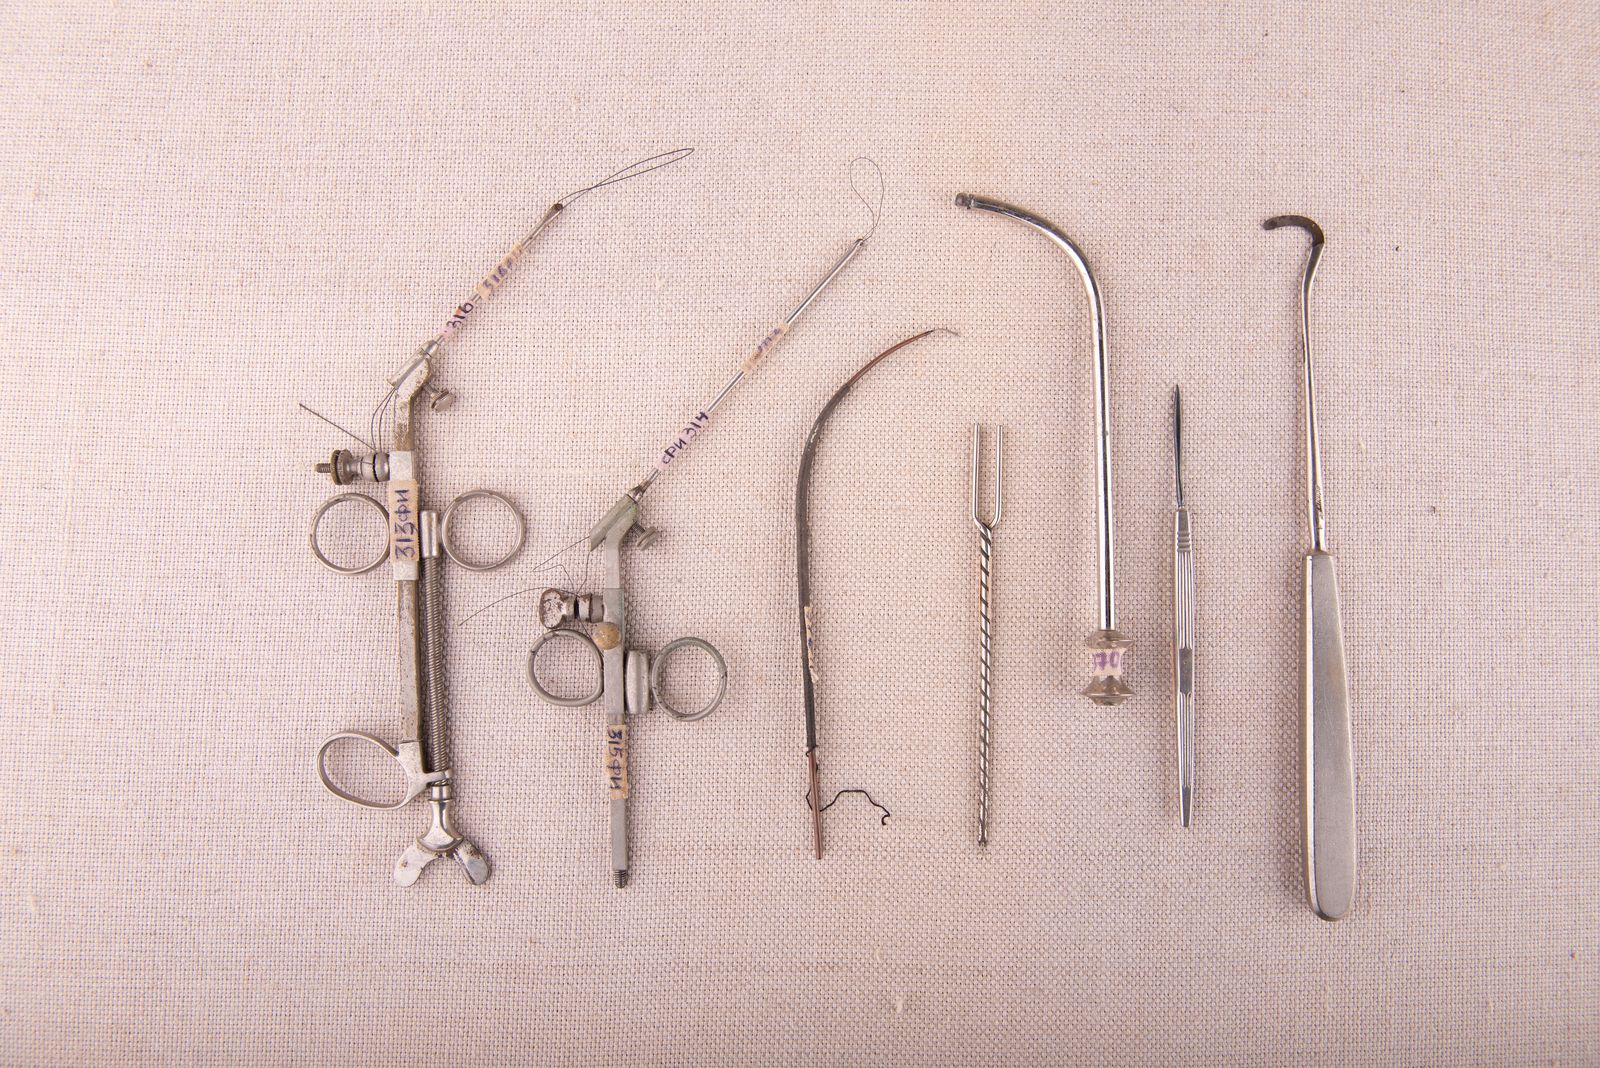 Muzei96_Медицински инструменти от първата половина на 20-ти век - инструменти за тонзилектомия, каутери за обгаряне, сонда, пика за манту, скалпел